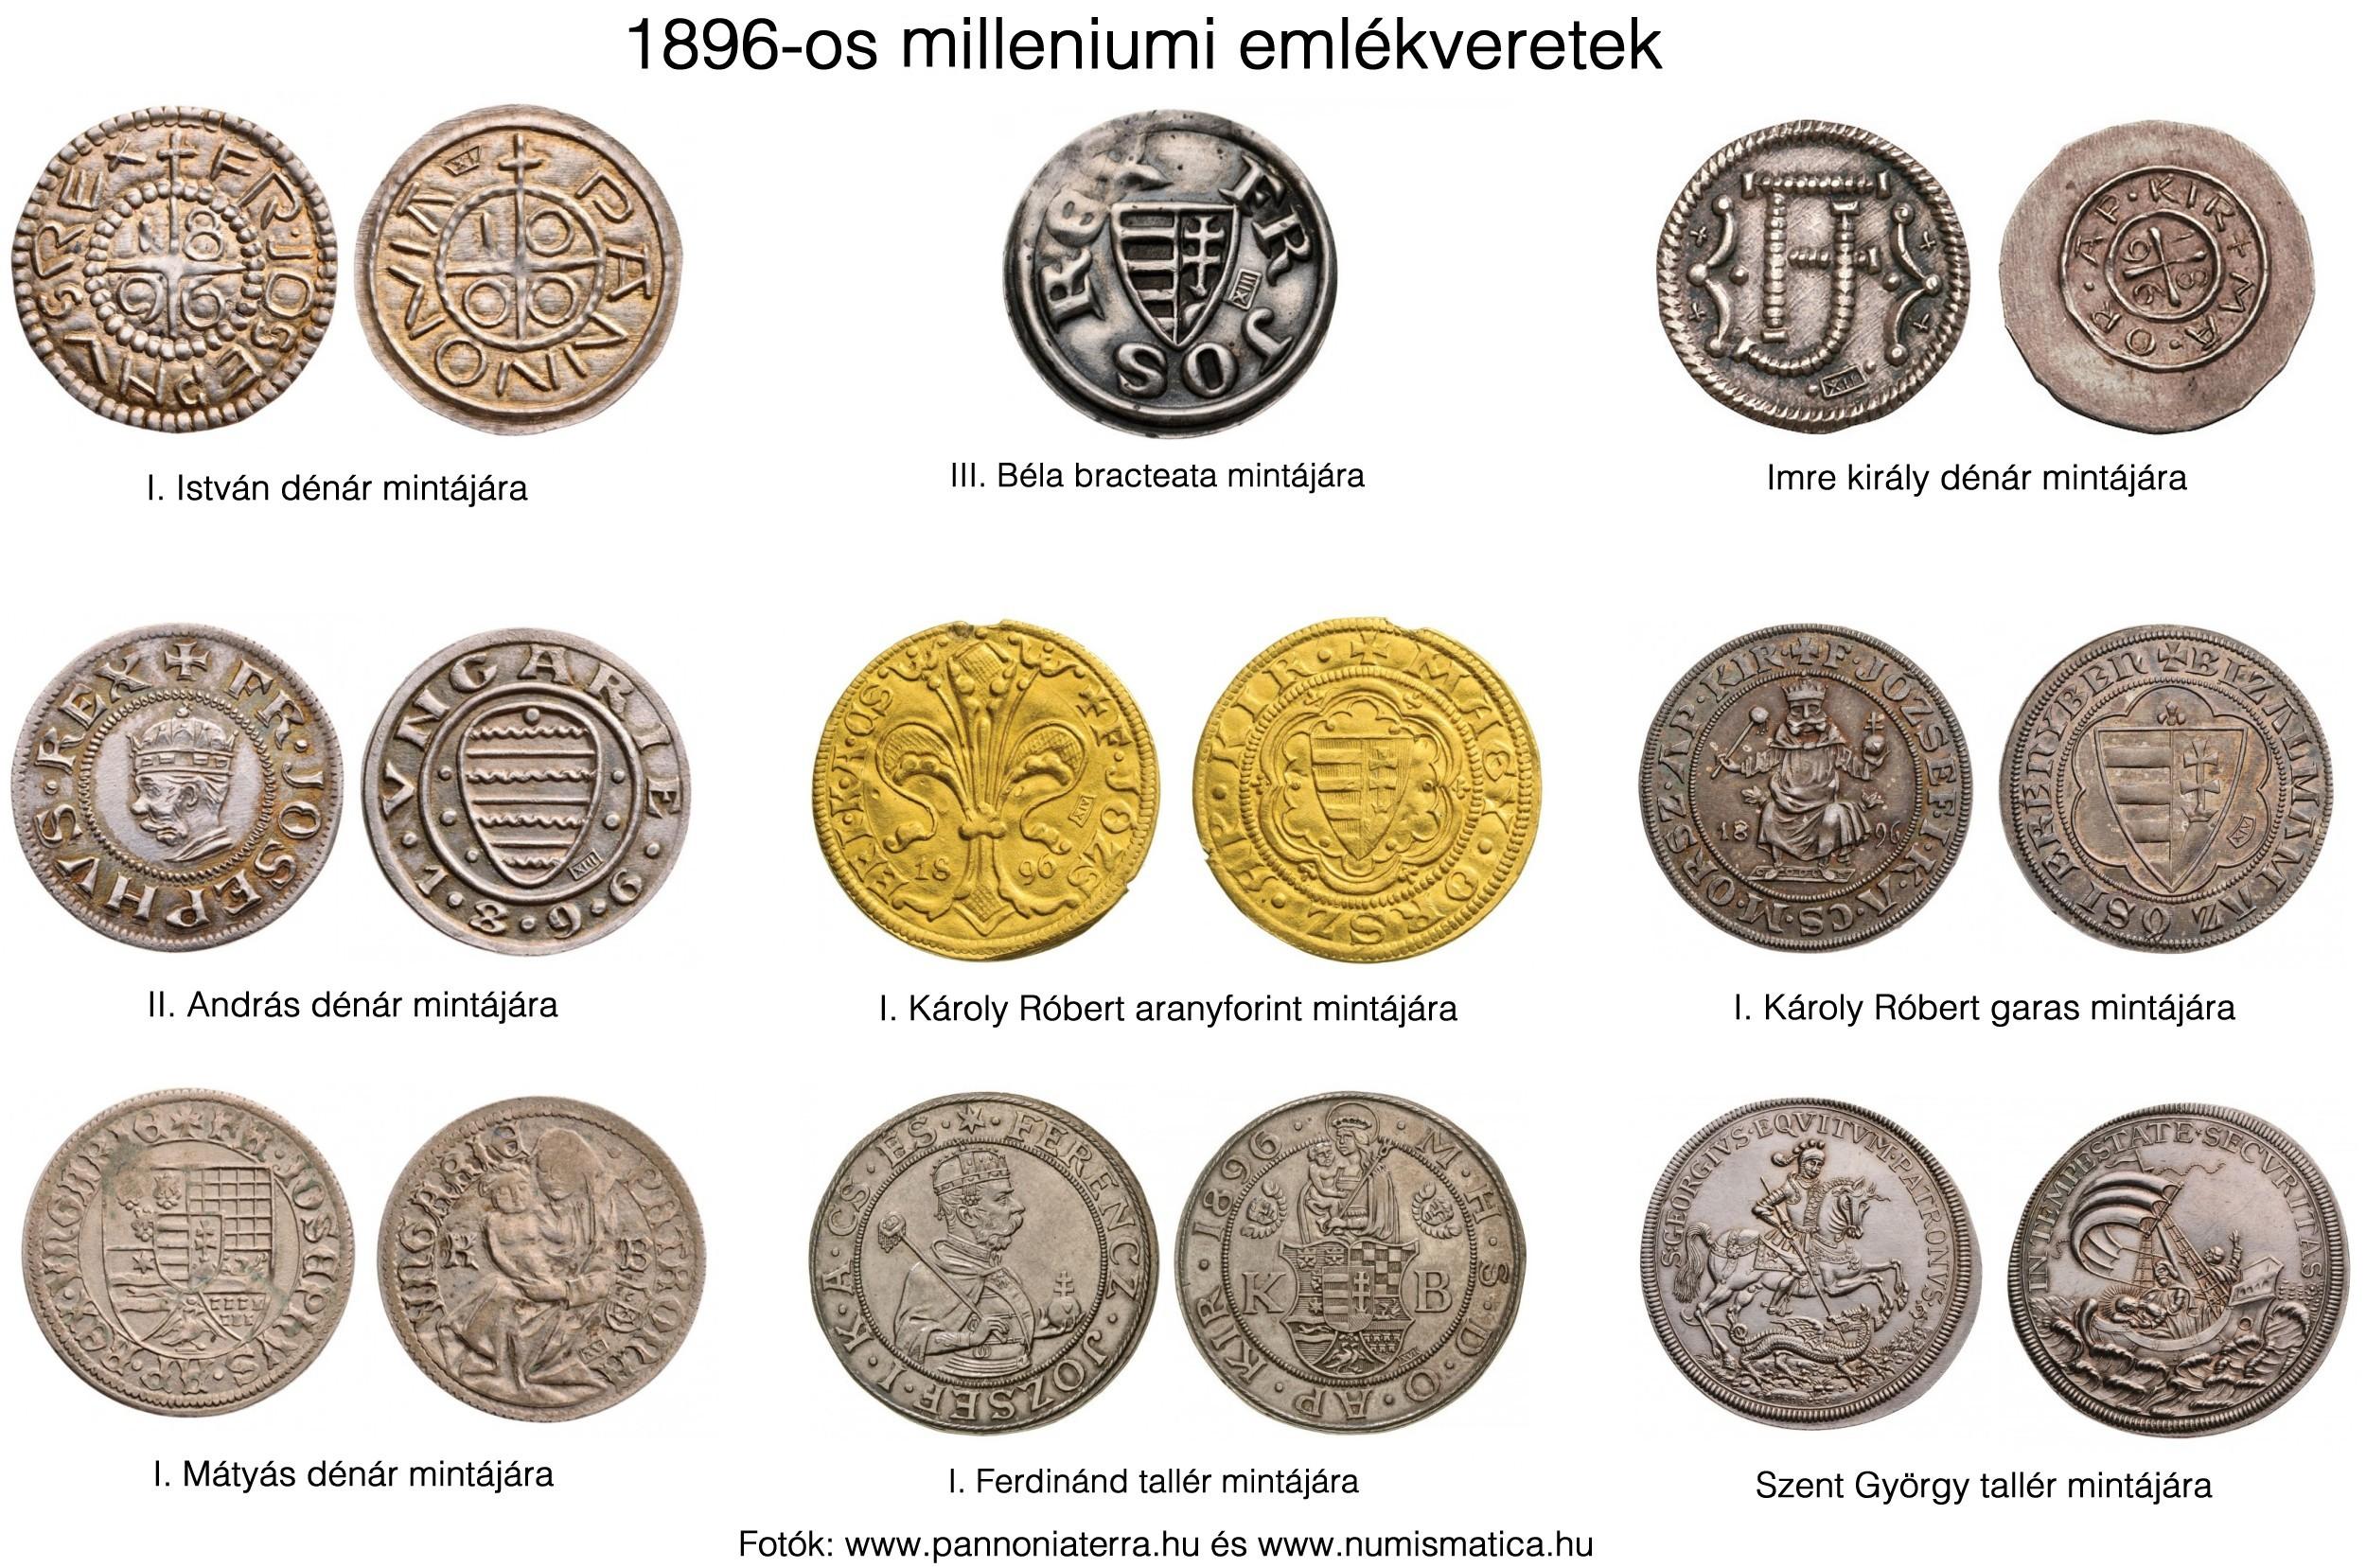 http://www.koronaportal.hu/hirek/1896-os-milleniumi-taller-emlekveret/millenniumi-veretek-eredeti-valtozatok.jpg